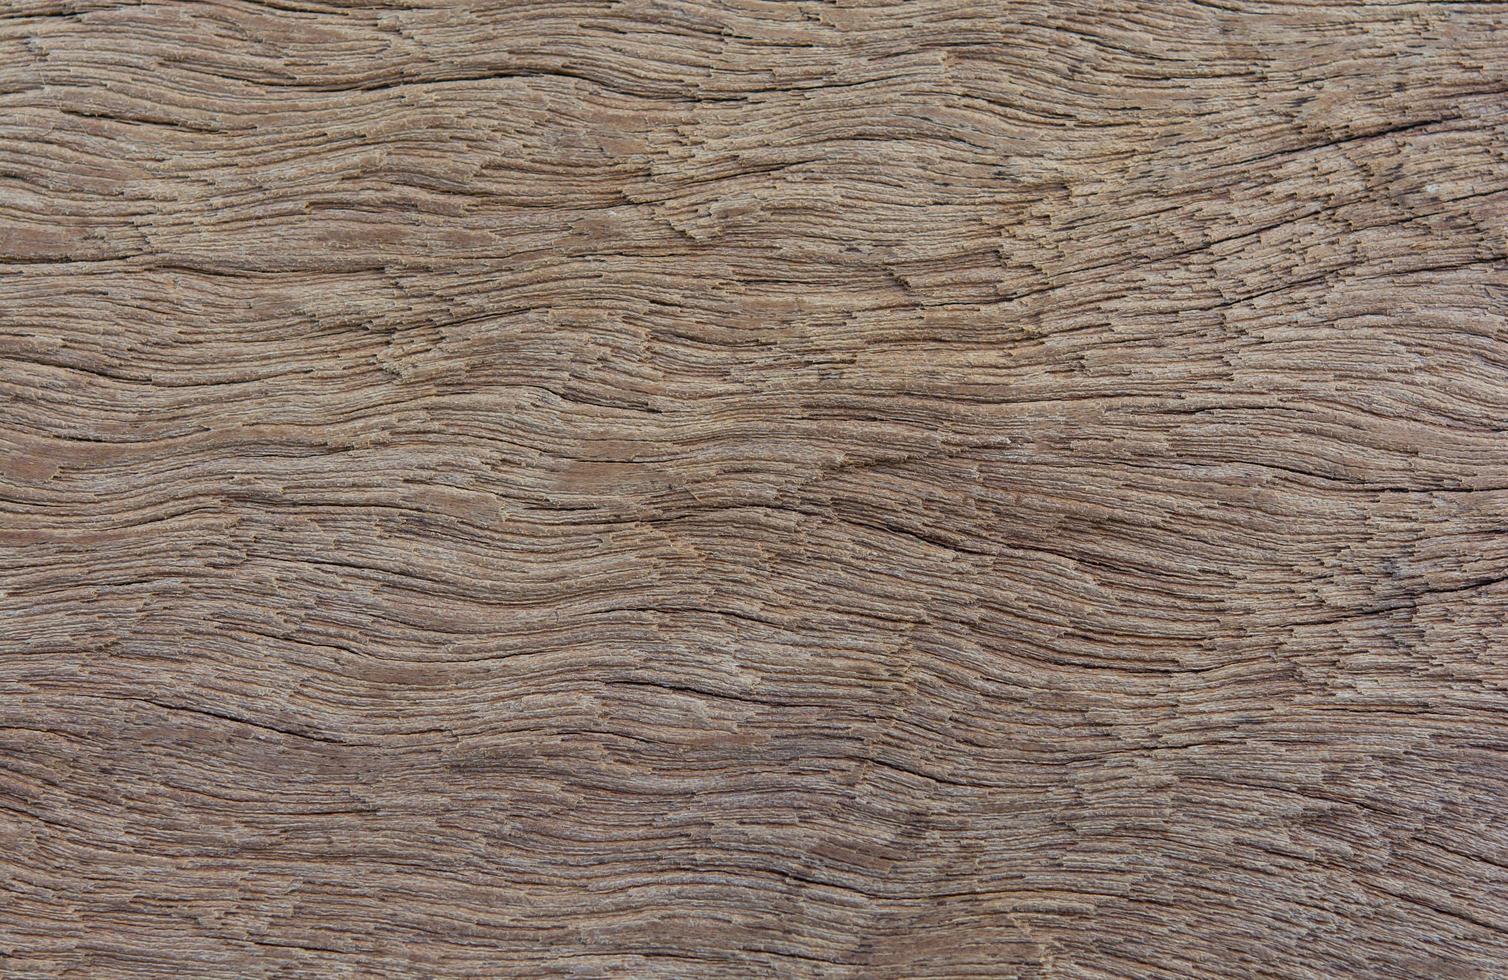 alter Plankenholzbeschaffenheitshintergrund foto